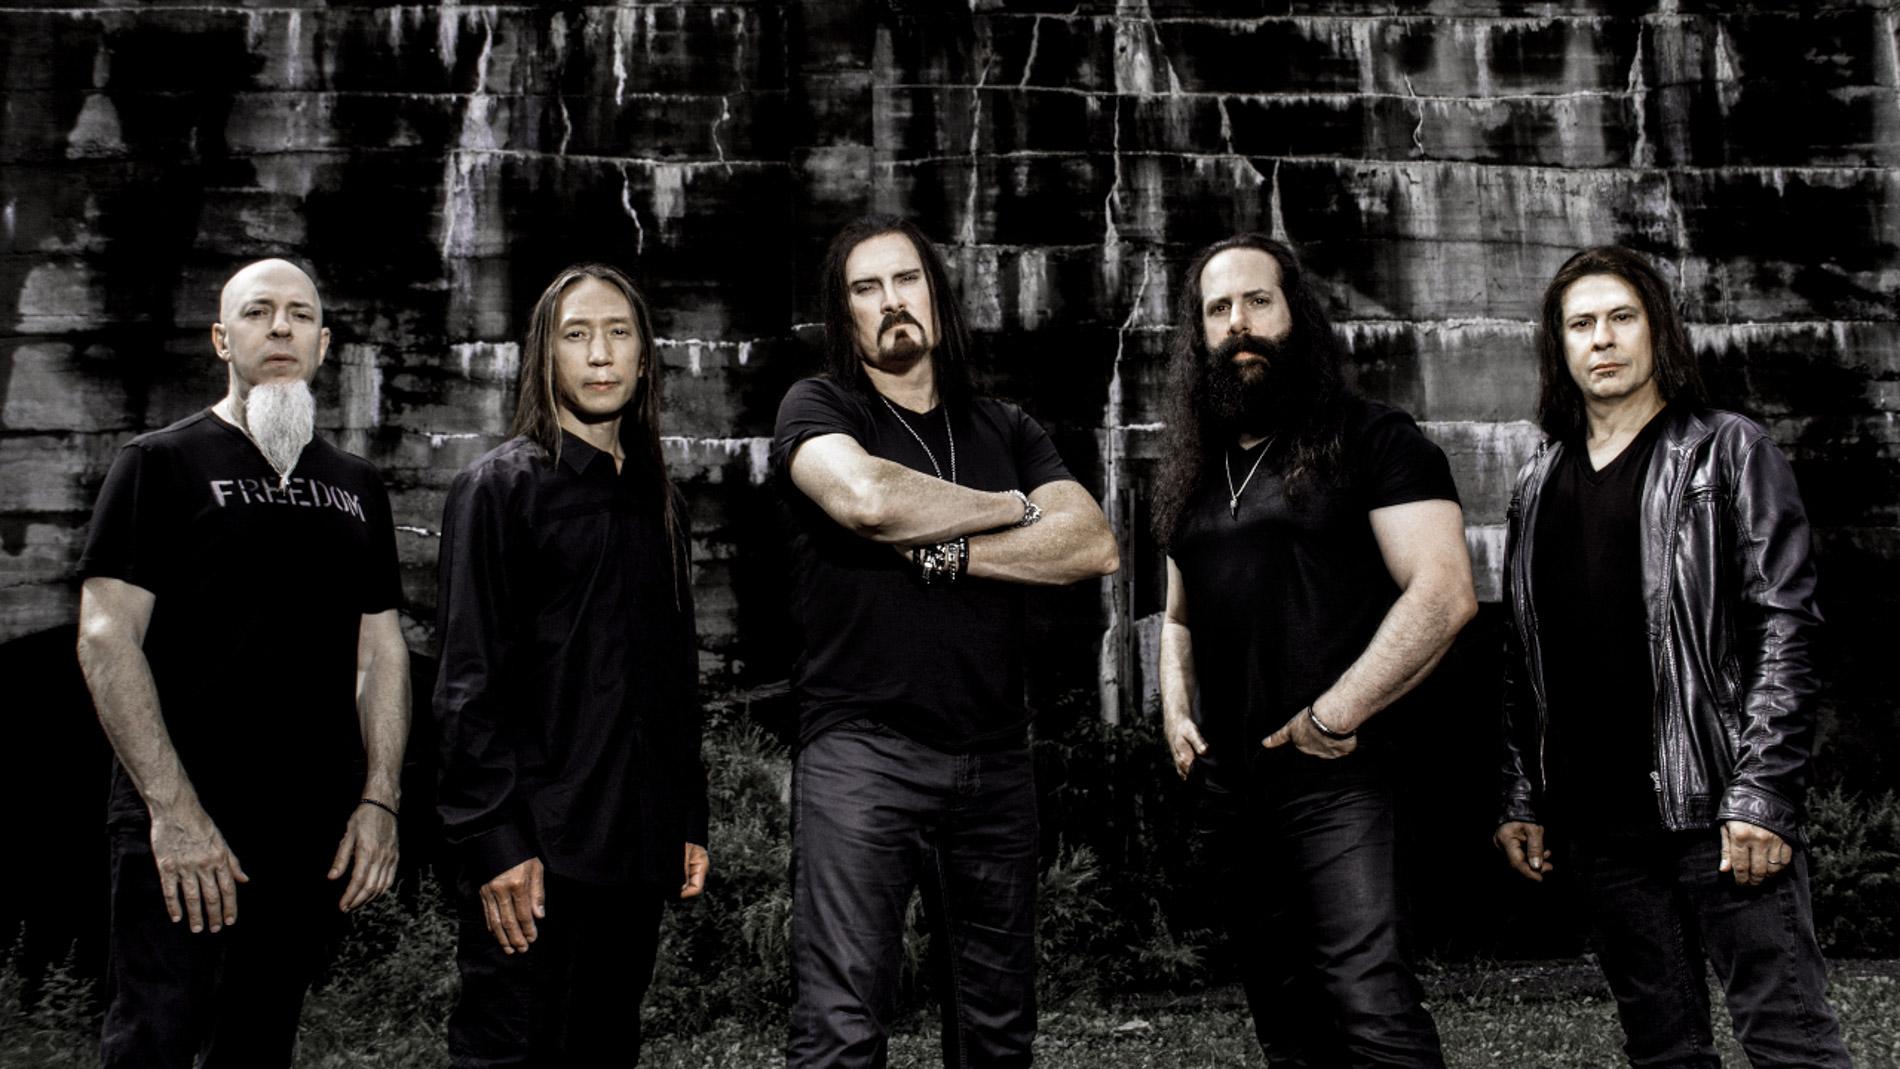 Anmeldelse af Dream Theater: Ekvilibristisk metaltrip i uvante rammer